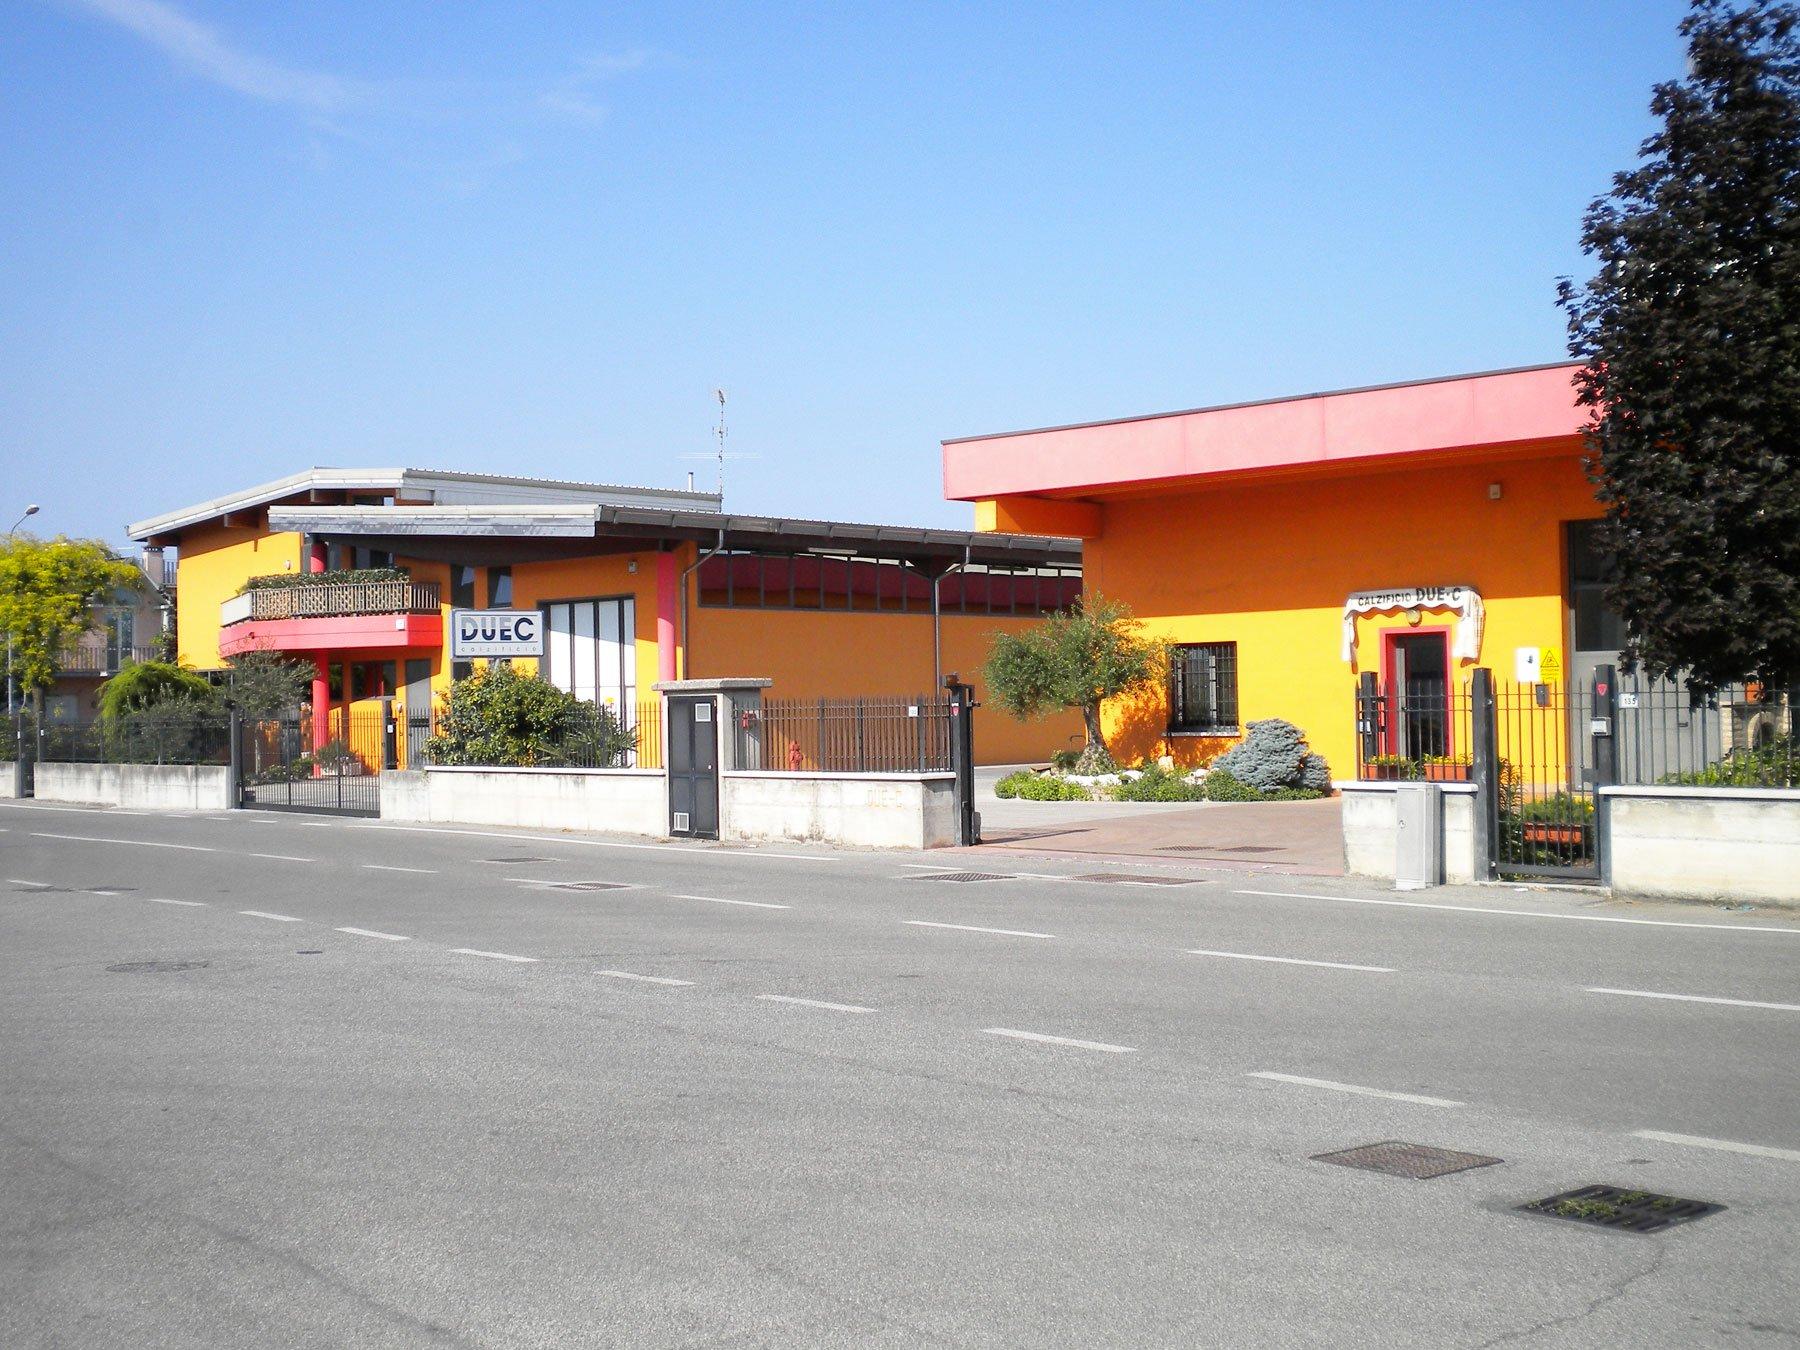 vista dall'altro lato del marciapiede di due stabili gialli e rossi con accanto delle aiuole con delle piante e degli alberi